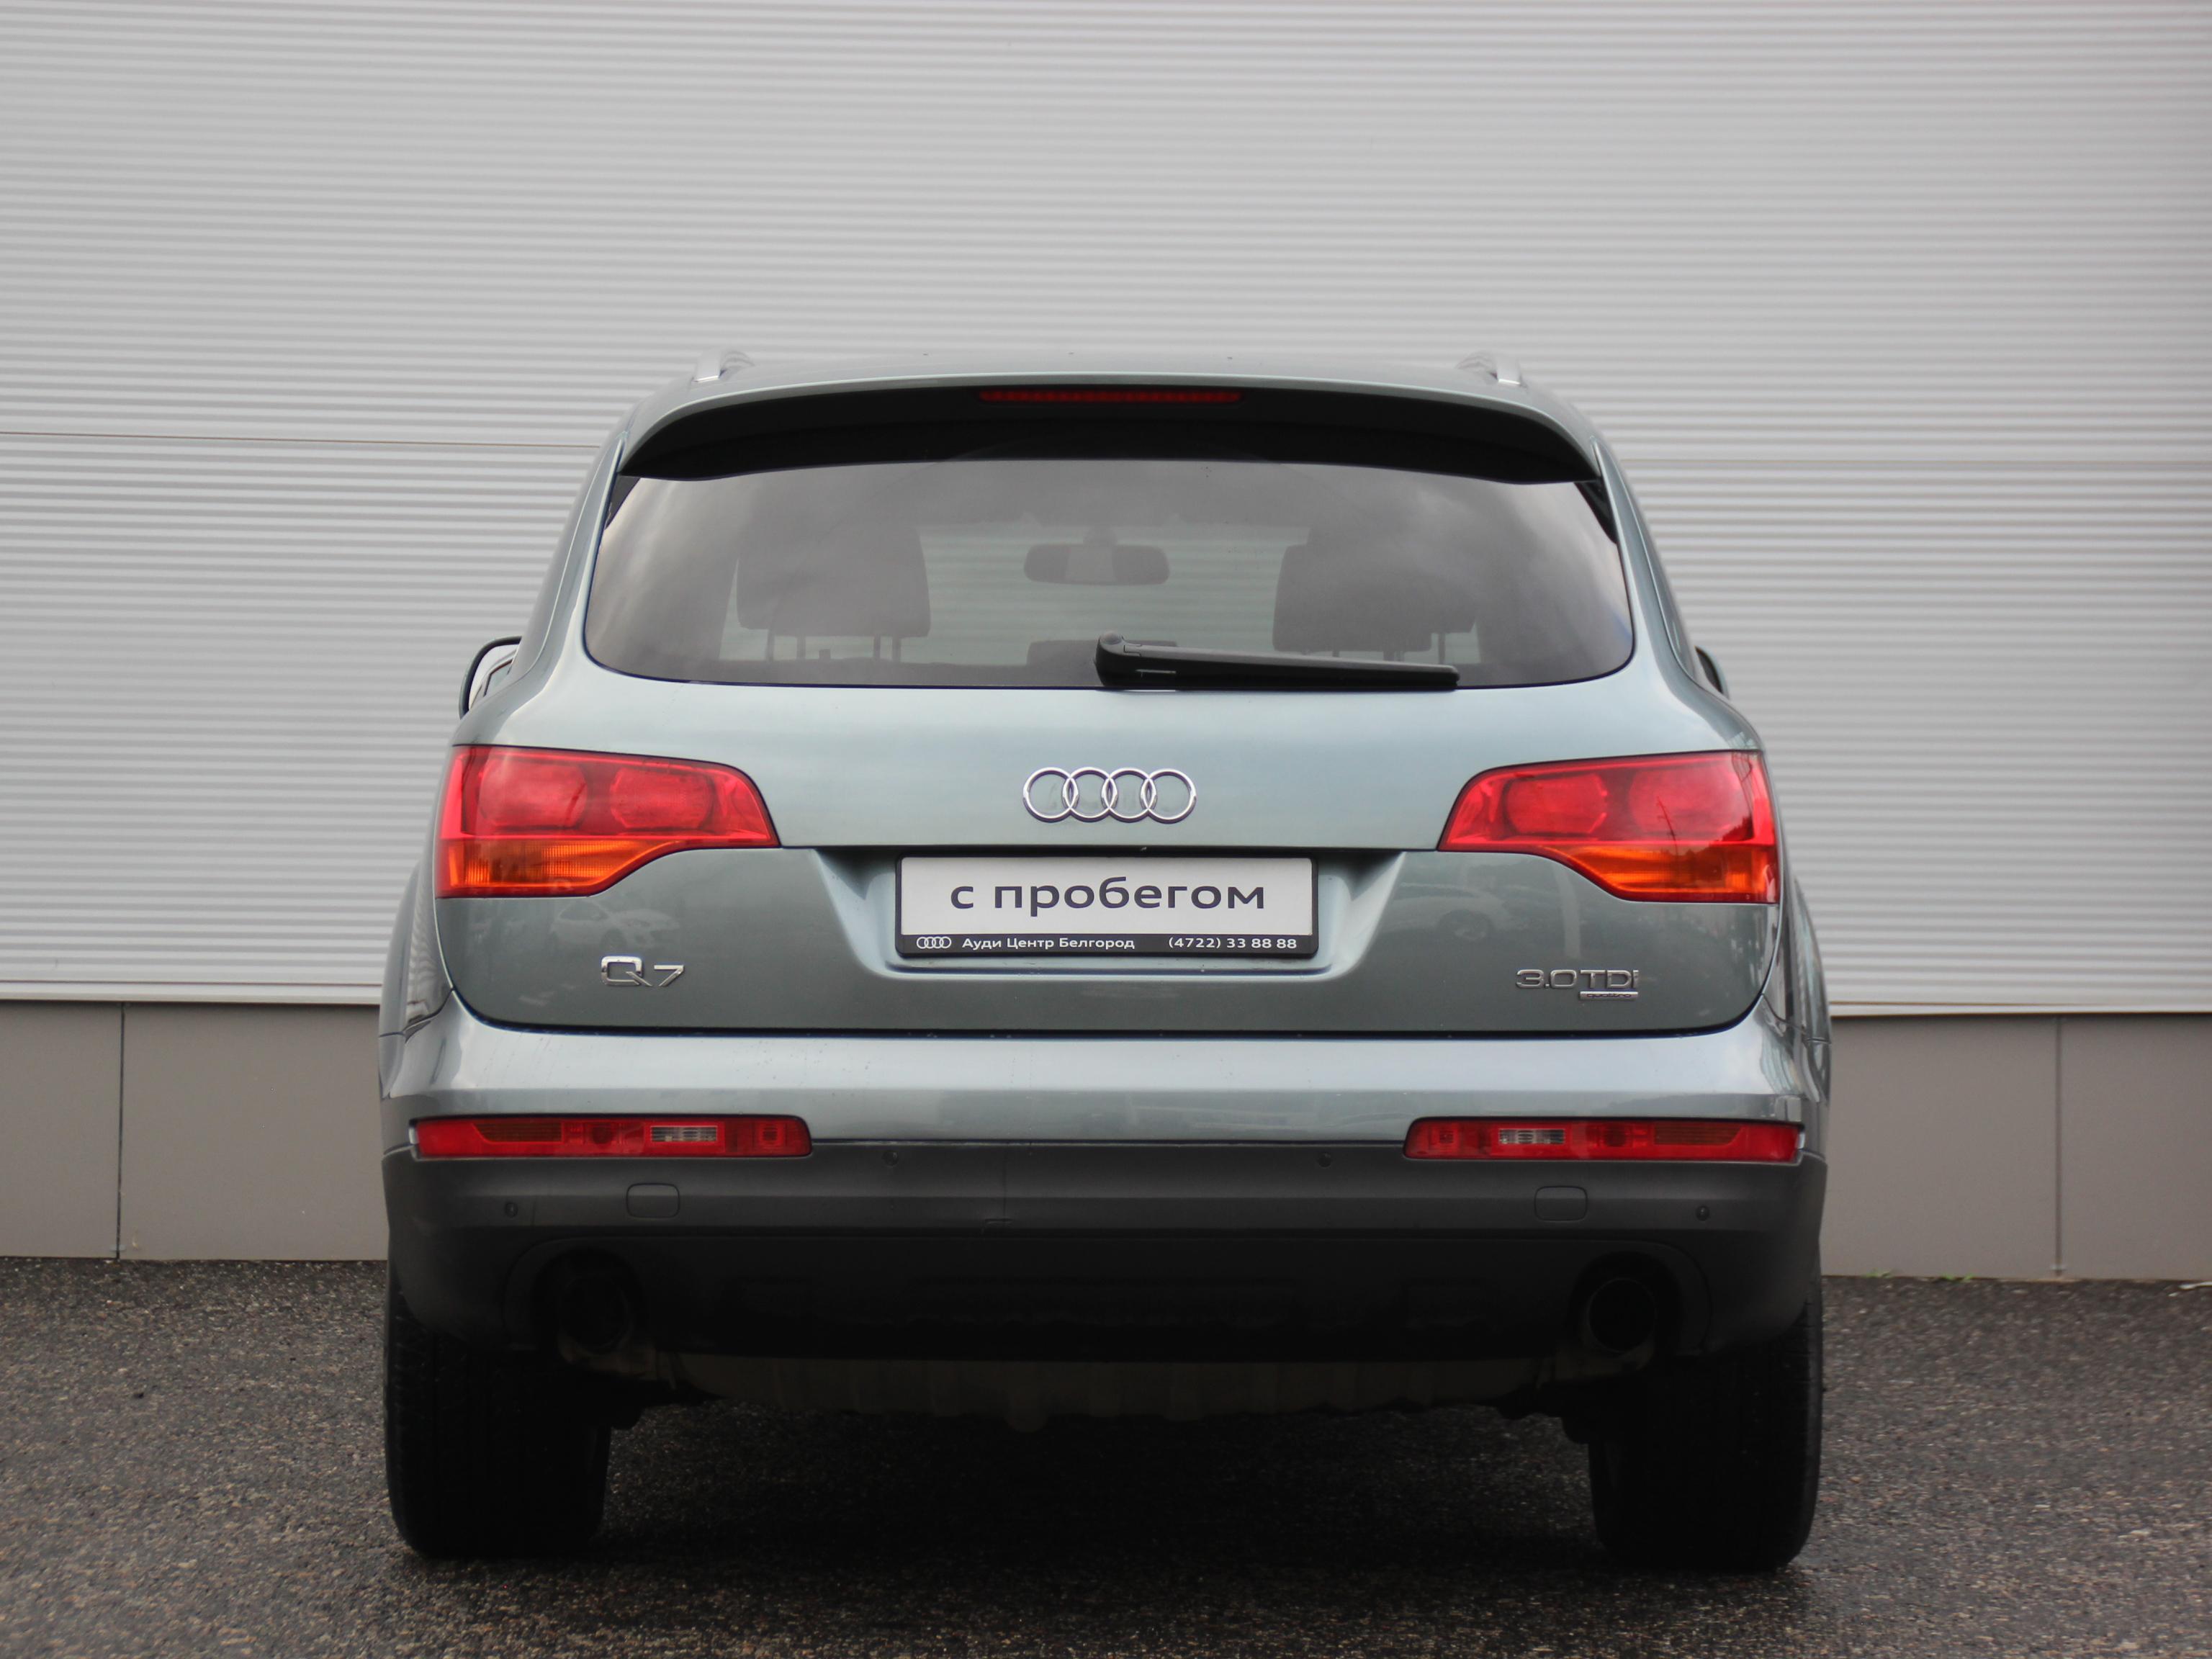 Audi Q7 Внедорожник (2008г.)